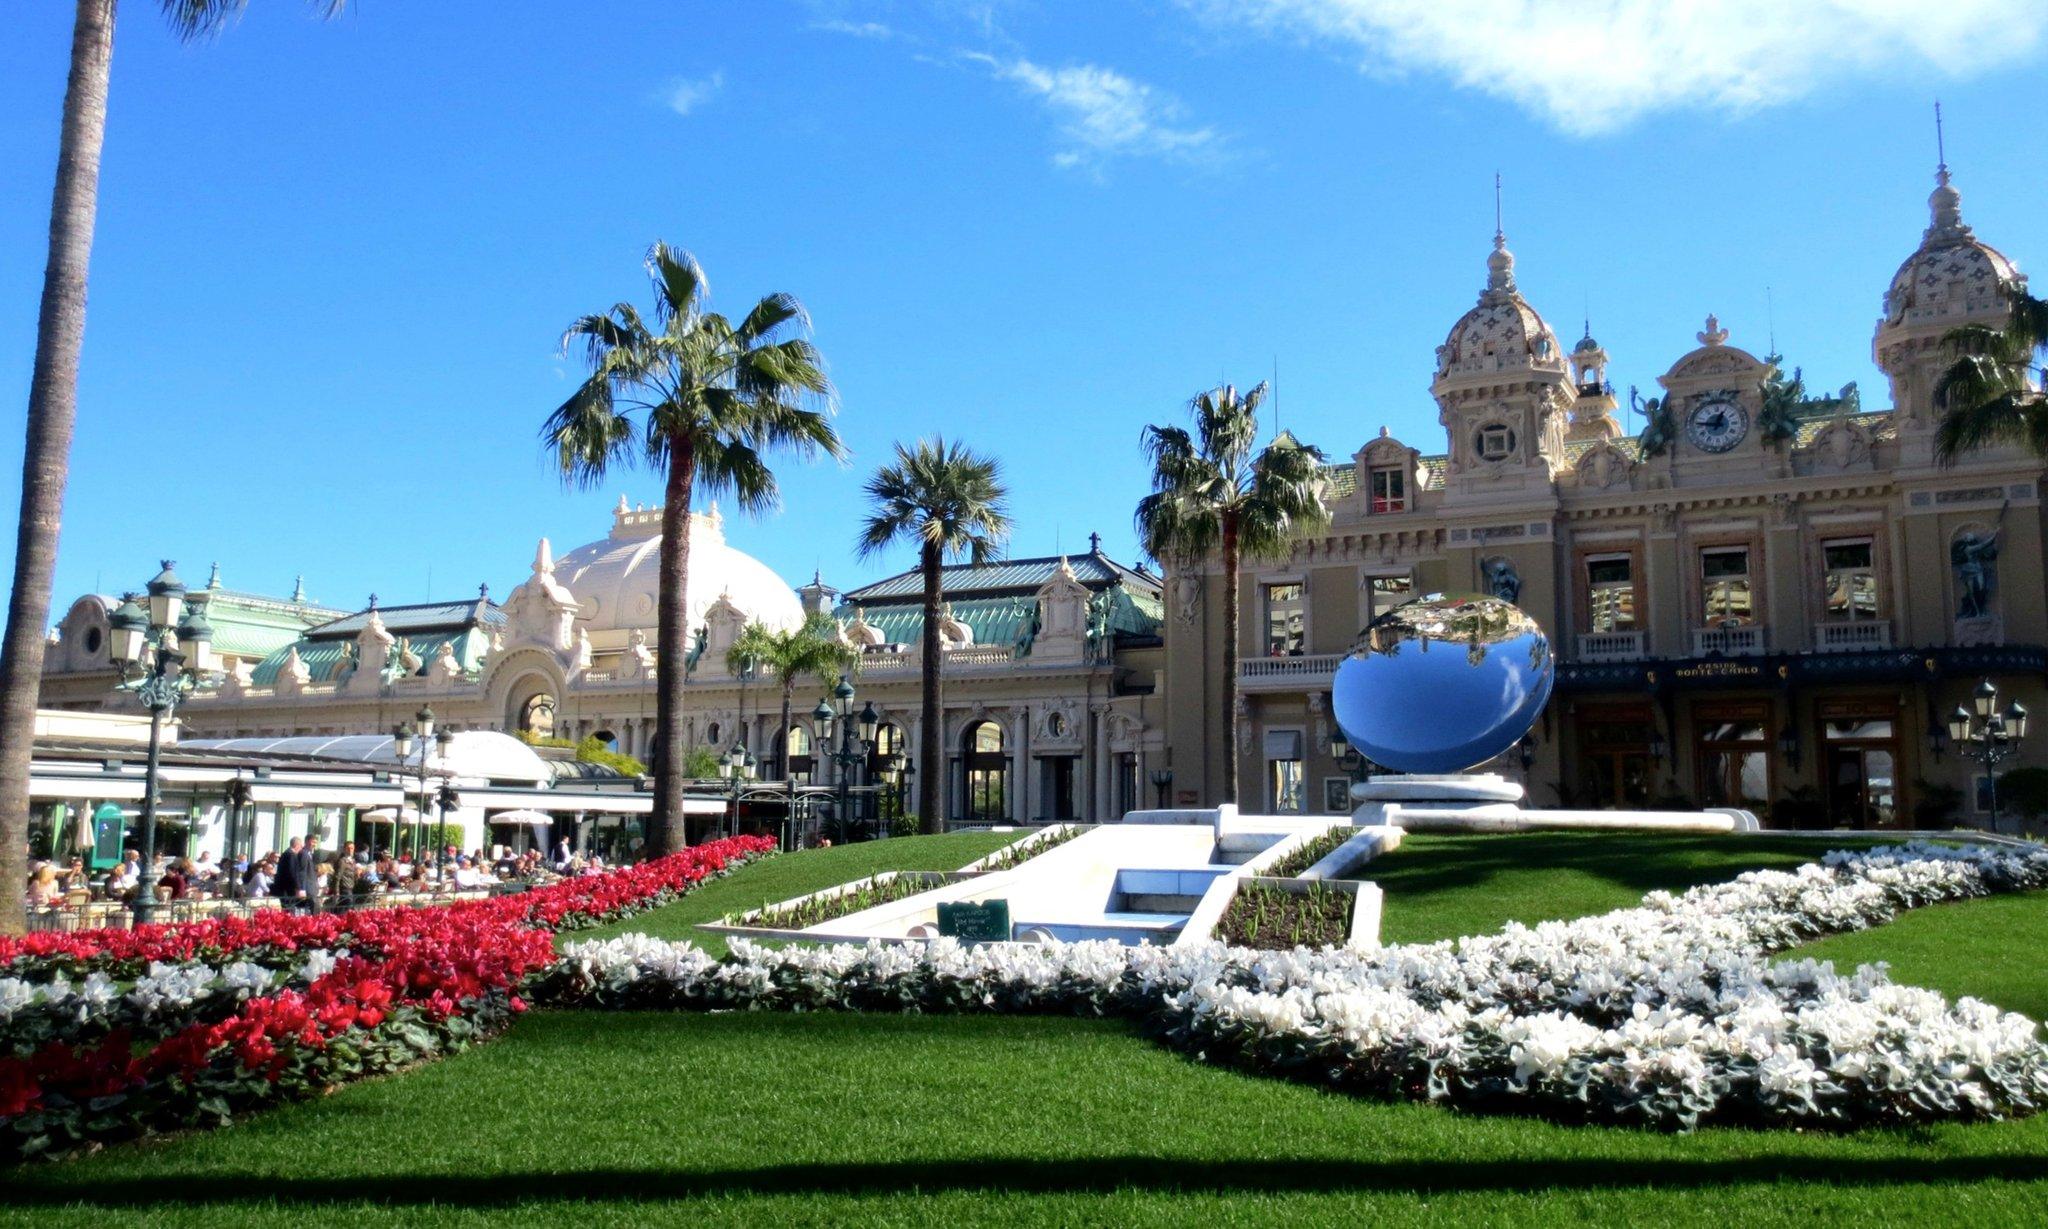 Casino in Monte-Carlo, Monaco